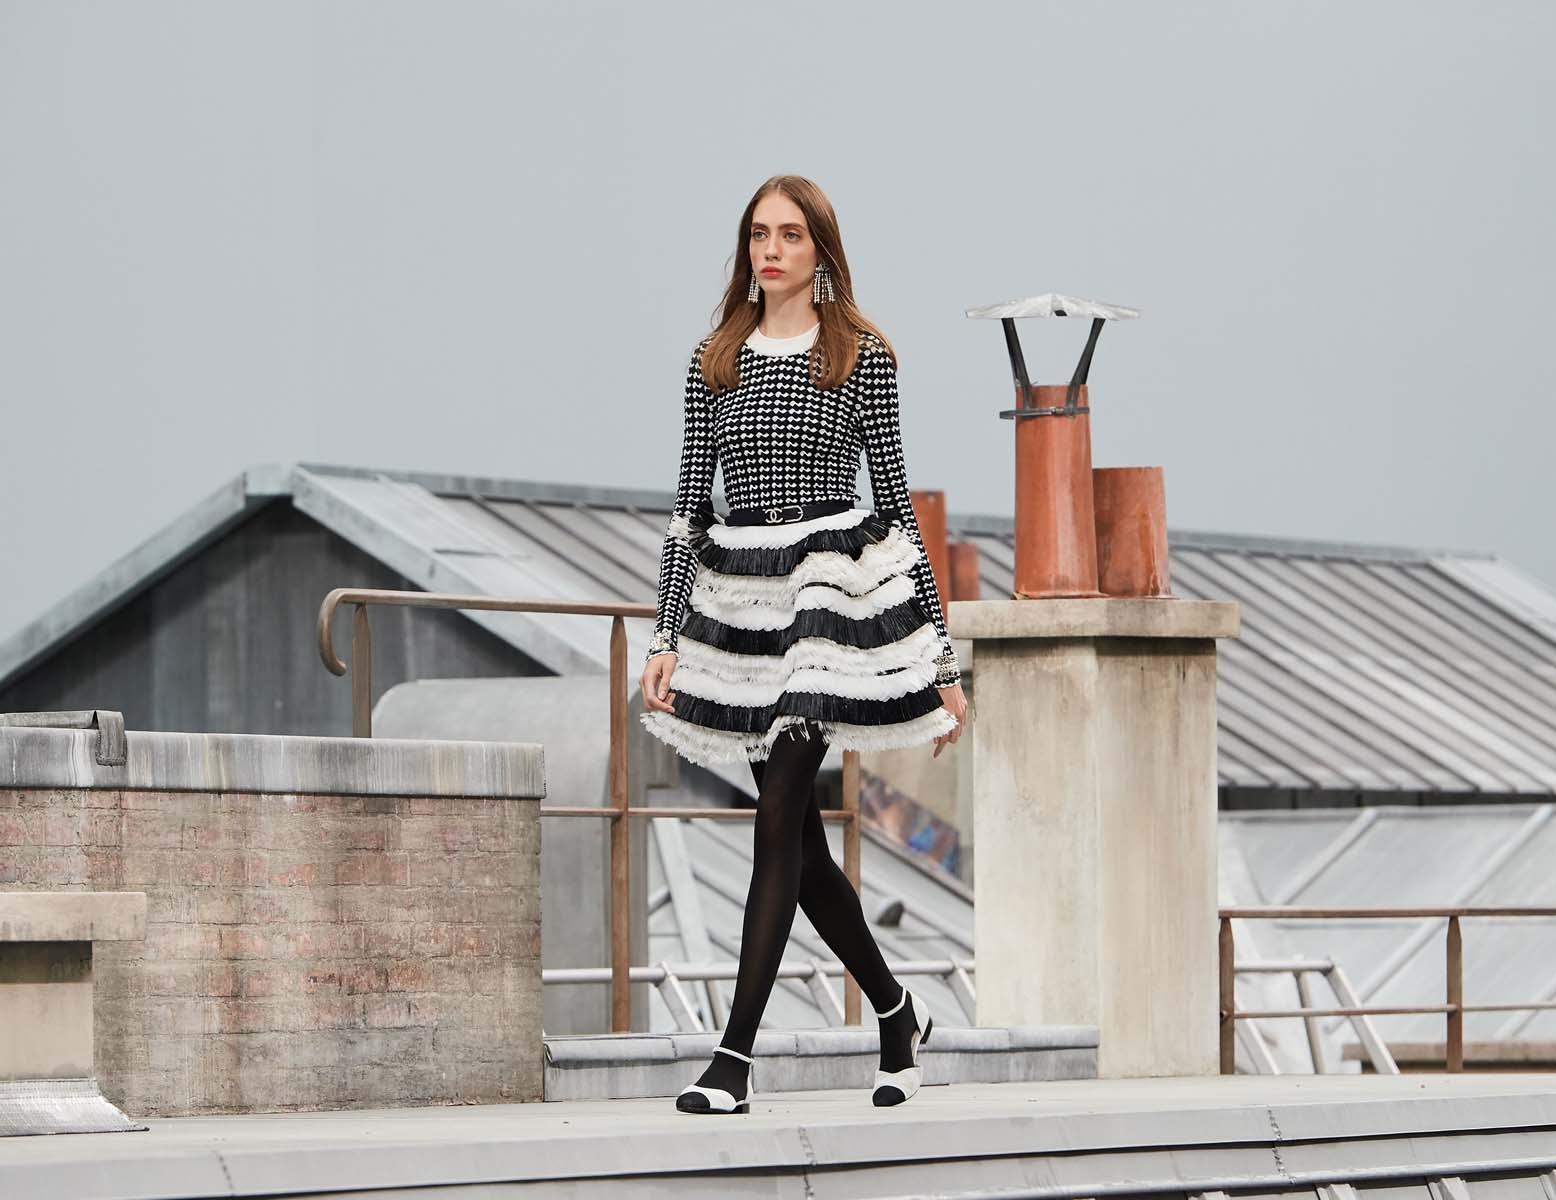 chân váy ngắn trắng đen và áo tweed chanel xuân hè 2020